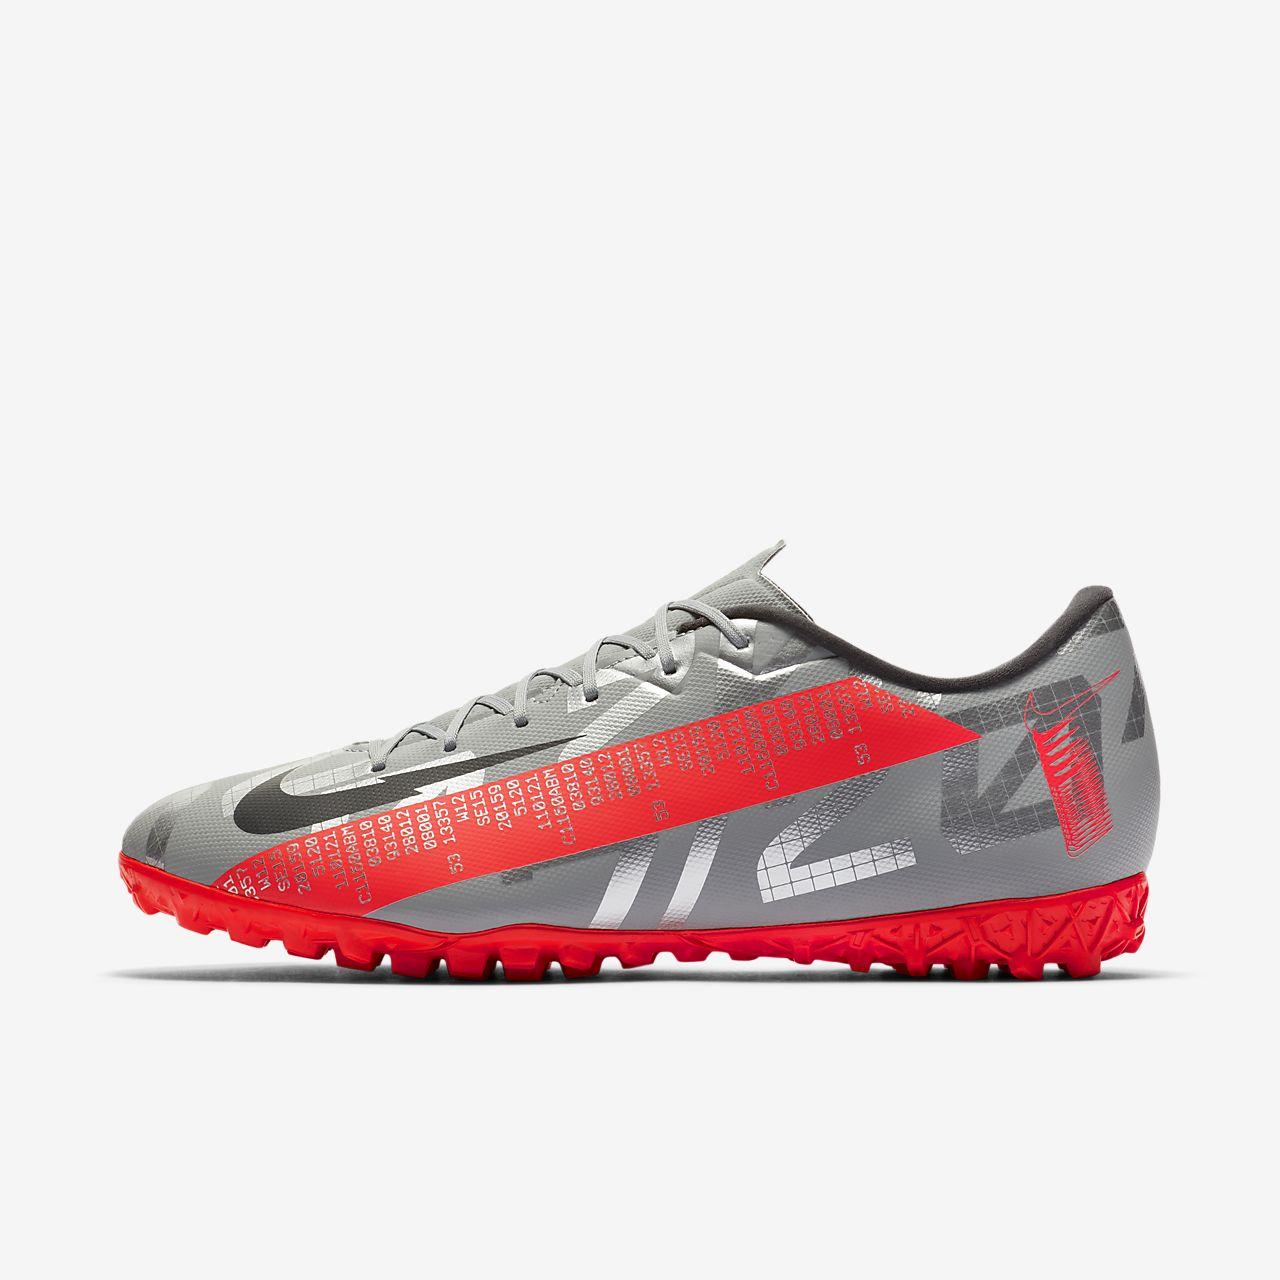 Футбольные бутсы для игры на синтетическом покрытии Nike Mercurial Vapor 13 Academy TF